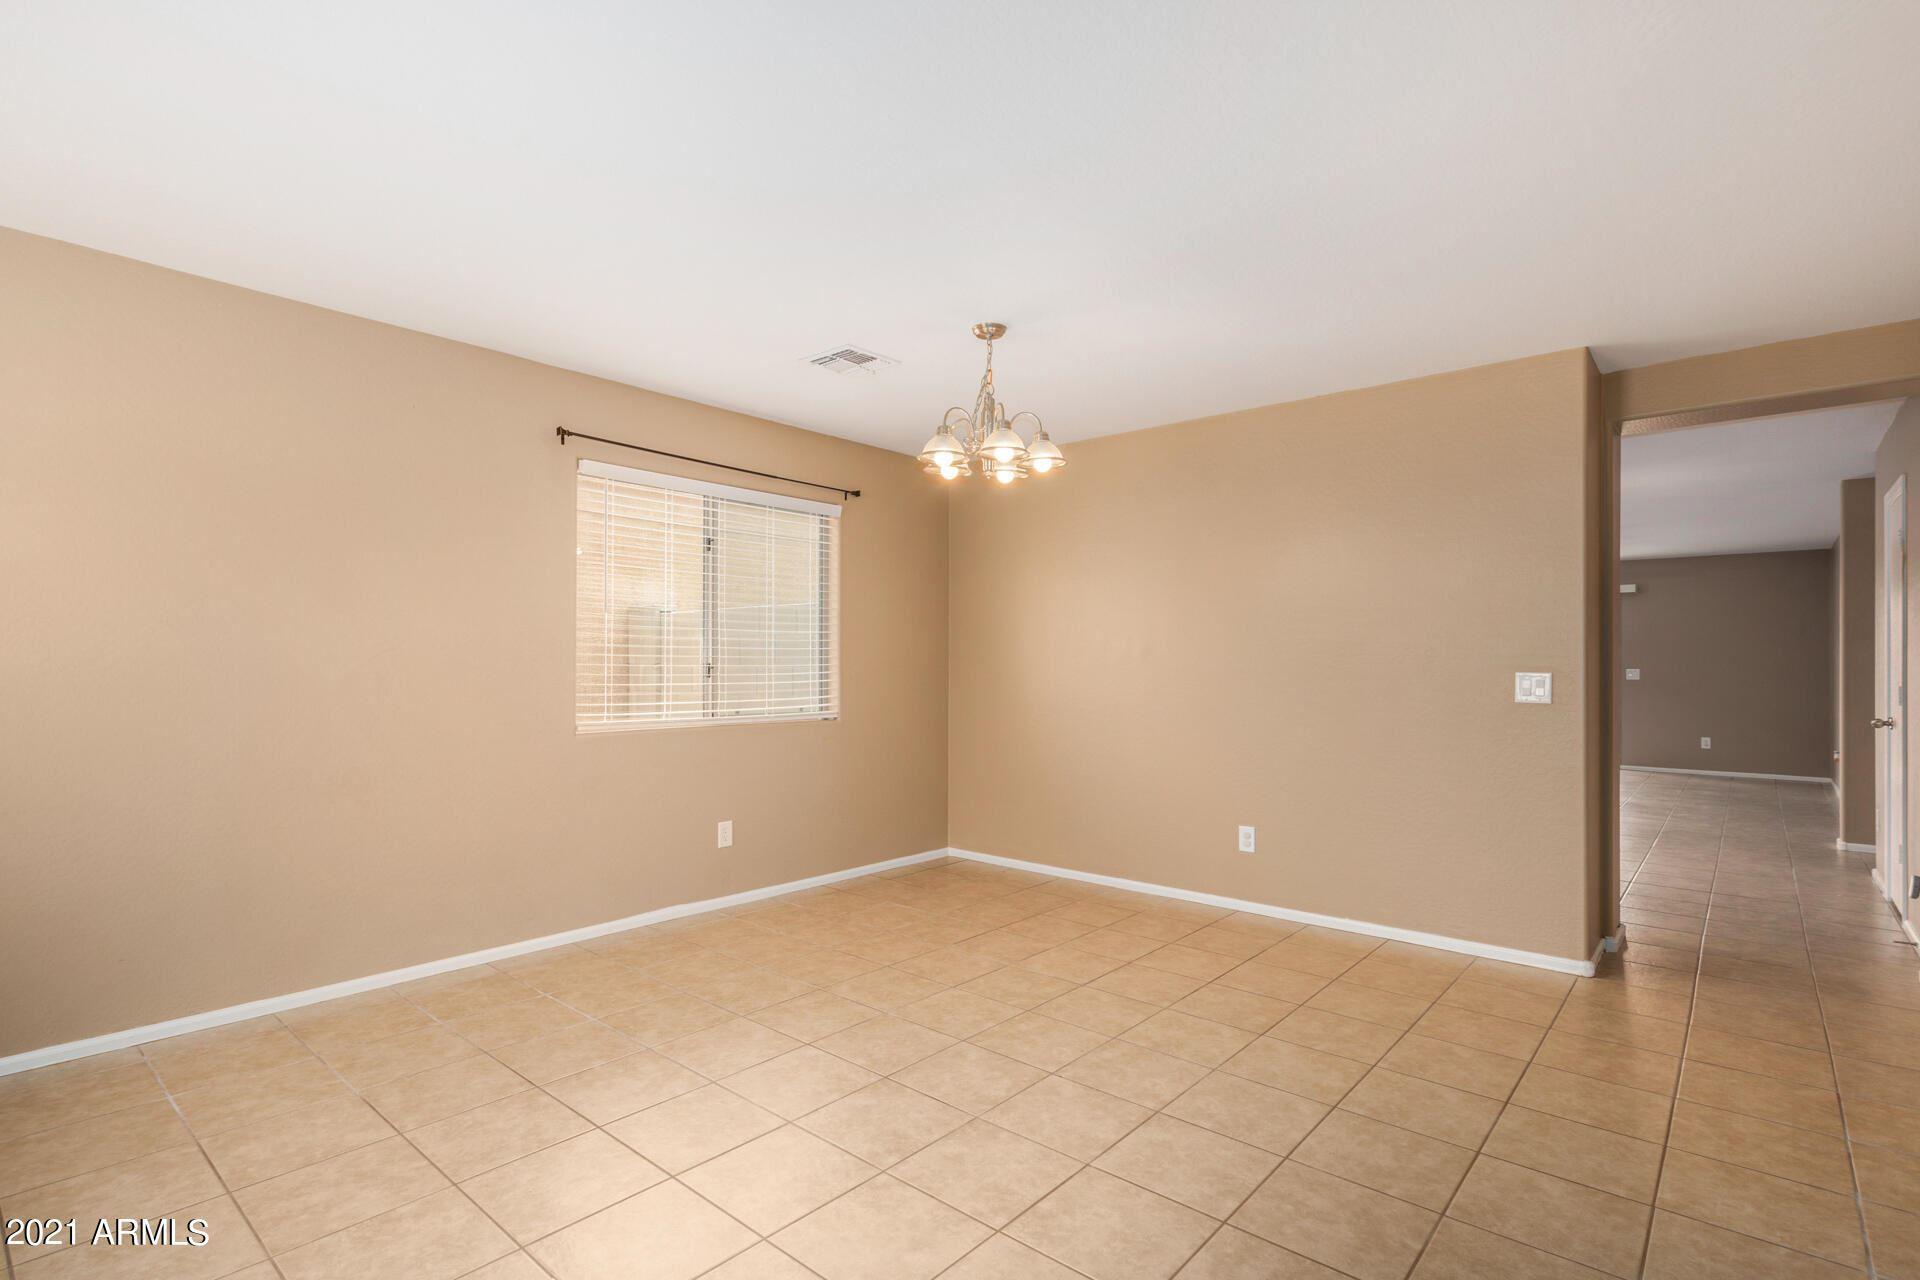 Photo of 7263 W CACTUS WREN Drive, Glendale, AZ 85303 (MLS # 6267393)